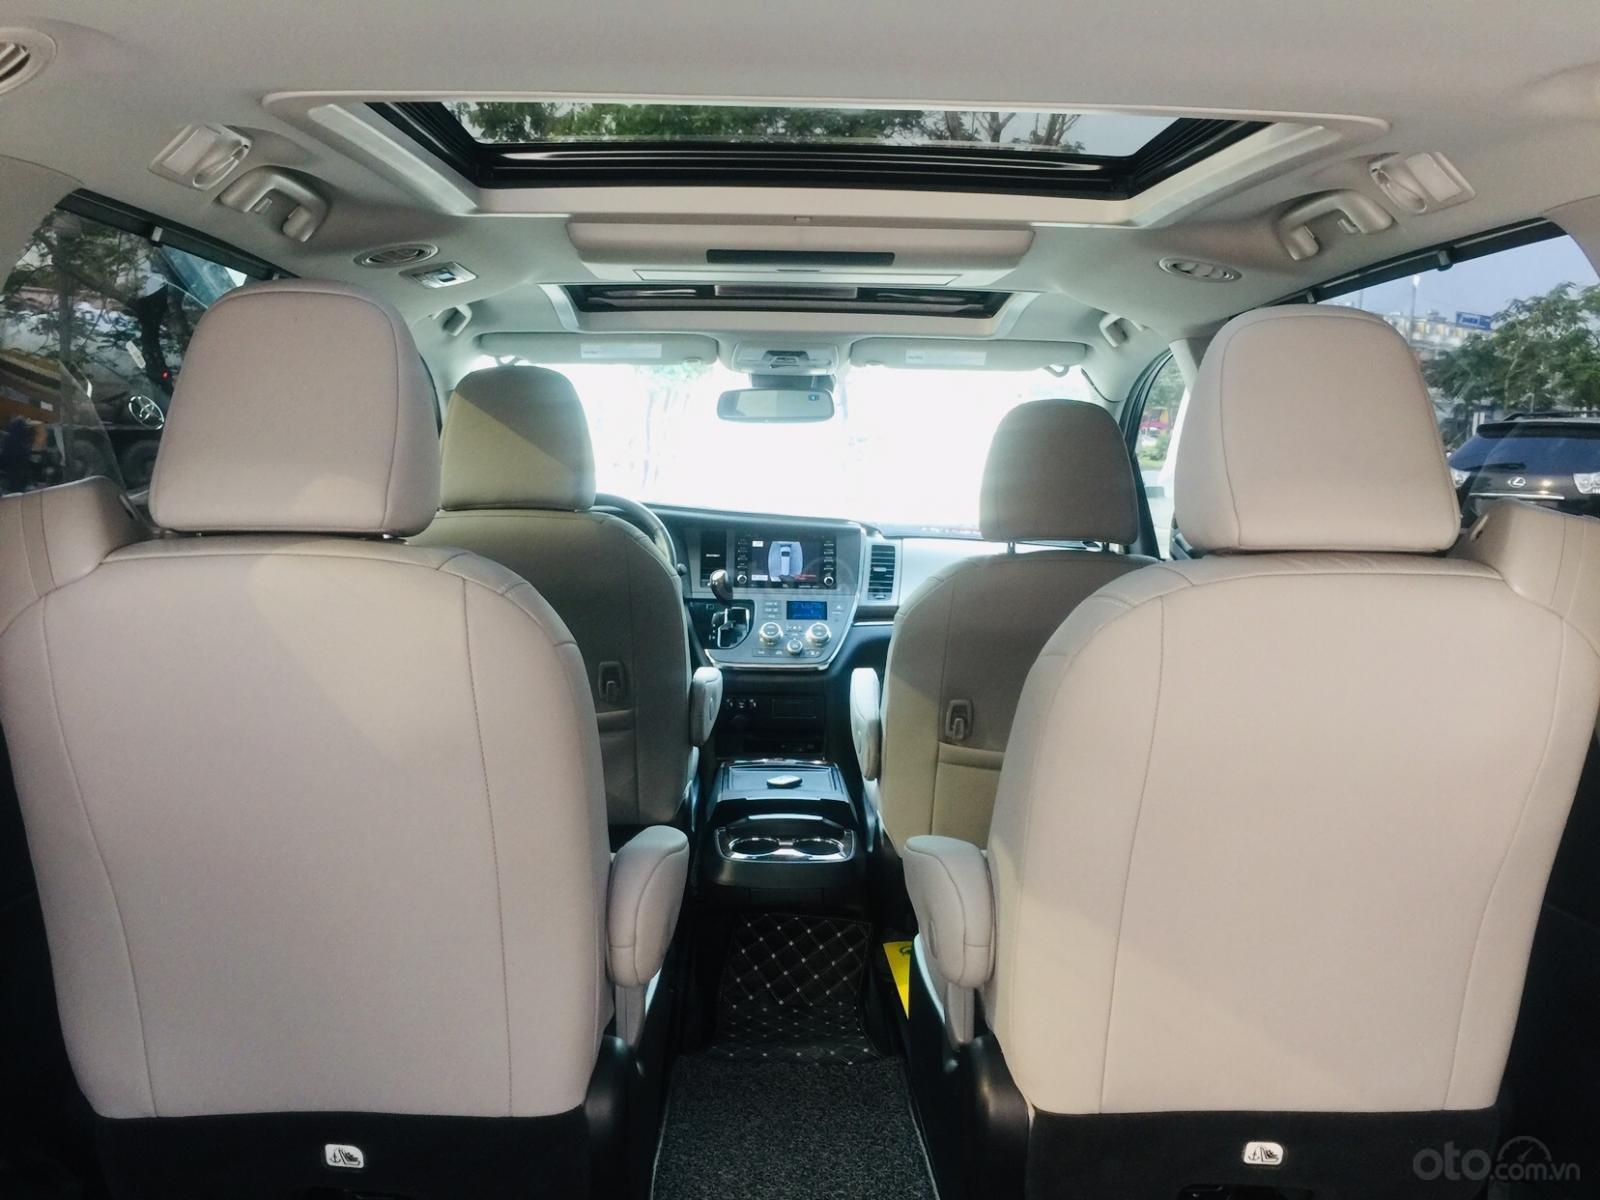 Bán xe Toyota Sienna Limited sản xuất 2018, siêu lướt, giao xe toàn quốc, LH Ms Ngọc Vy 093.996.2368 (18)